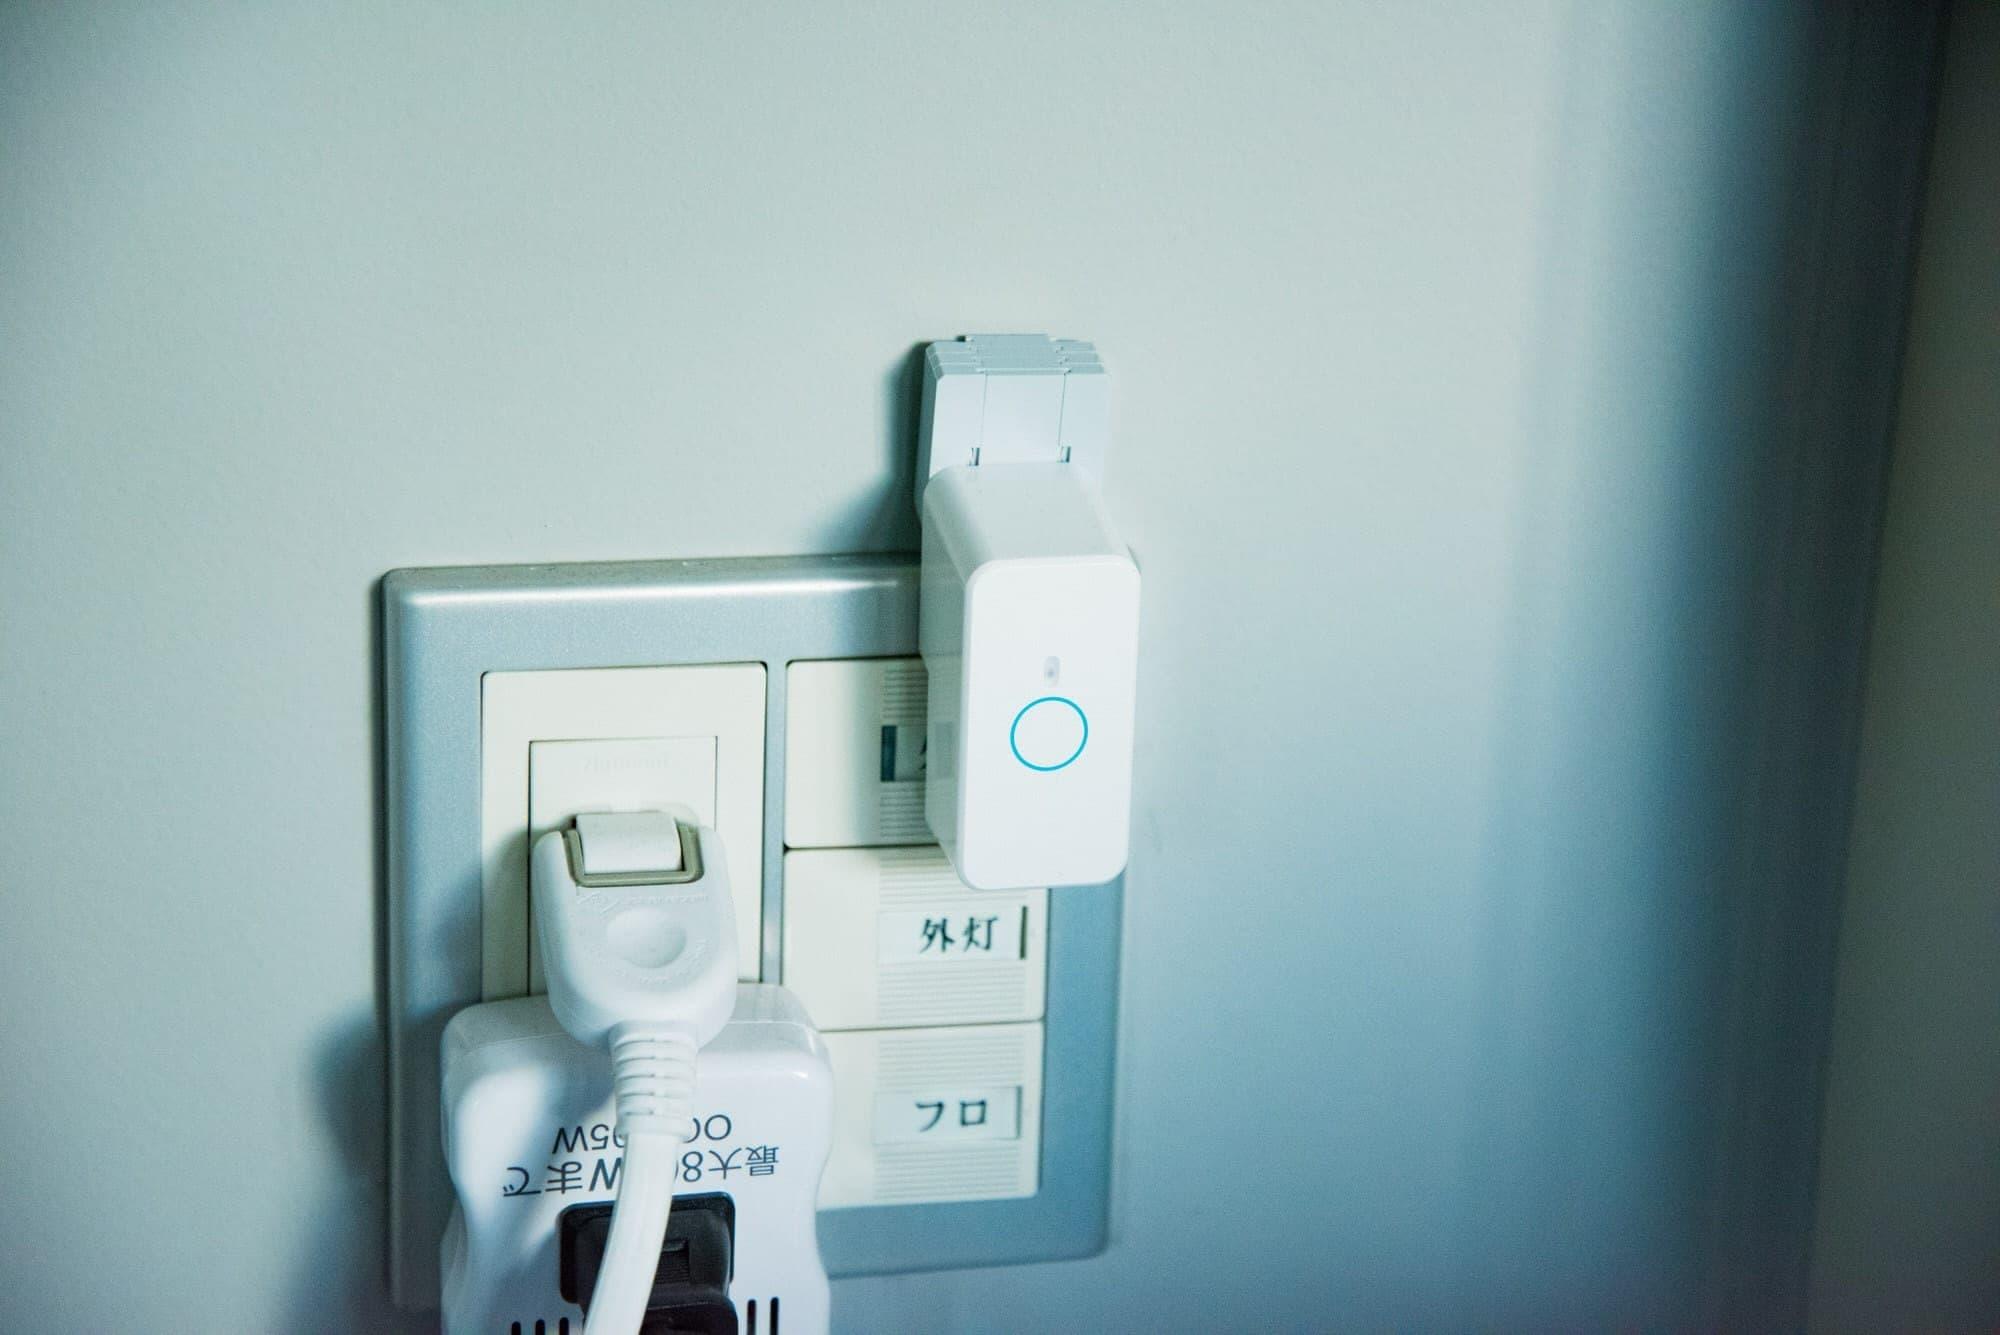 バルコニーの電気スイッチに取り付けられたマイクロボットプッシュ